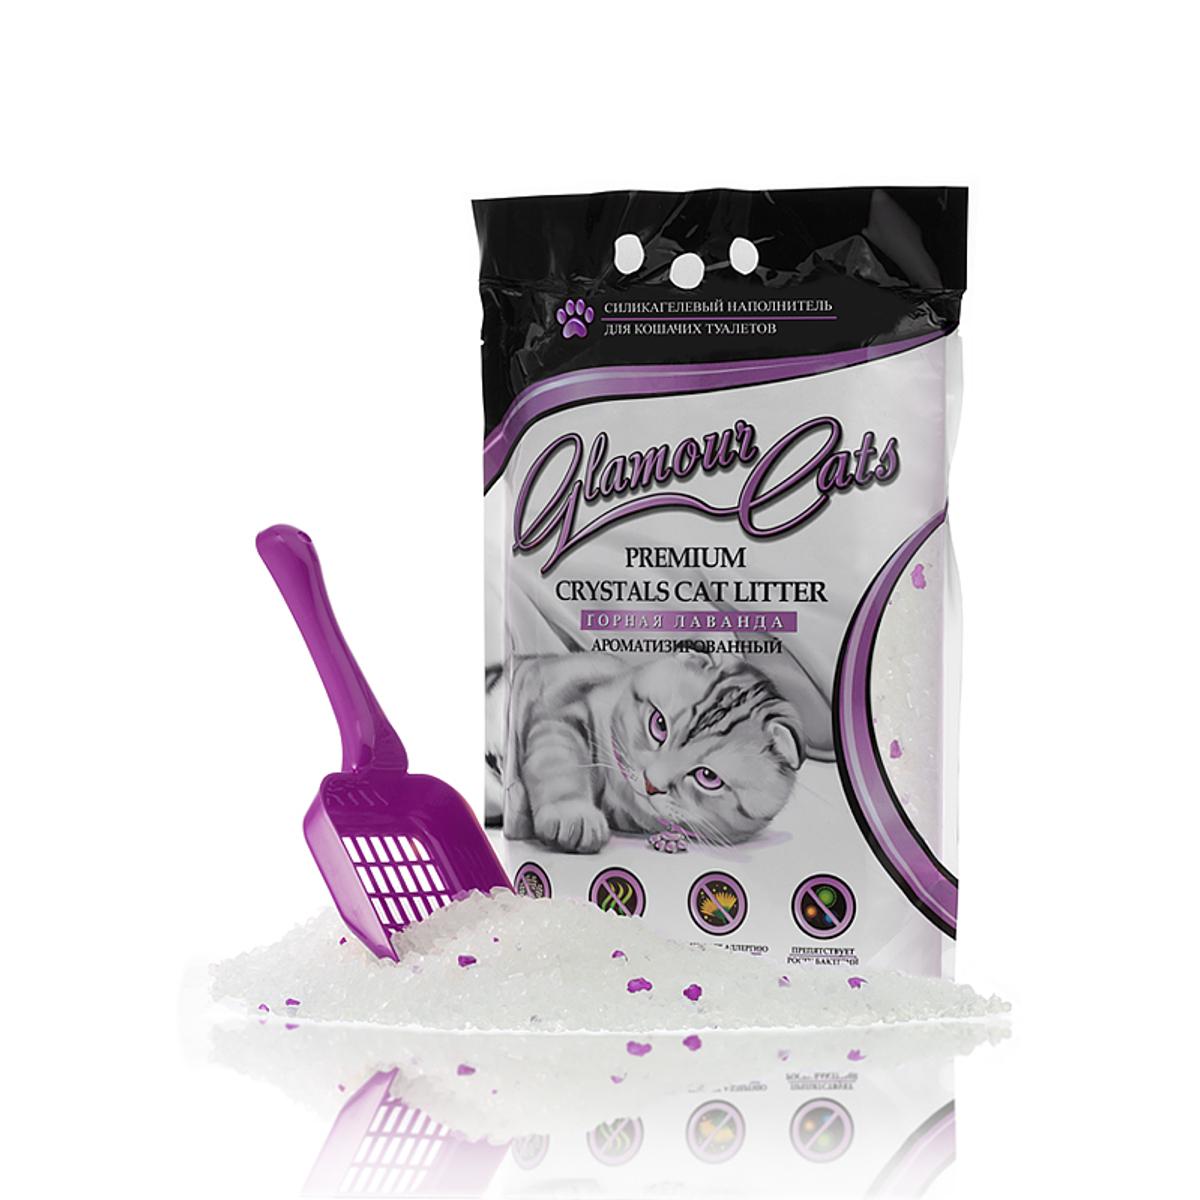 Наполнитель силикагелевый Glamour Cats лаванда, 3,8 л (1,7 кг)HS. 120002Силикагель с добавкой ароматизаторов (лаванда) Ароматизированный силикагелевый наполнитель изготавливается из 100%натурального биологического вещества с добавлением природных ароматических кристаллов (лаванда). Микроструктура ароматизированного наполнителя поглощает до 100 % всего объема запаха, быстро впитывает жидкость, препятствует распространению БАКТЕРИЙ в лотке. Ароматизированные кристаллы сохраняют свежий аромат лаванды в течение всего время использования в лотке, что позволяет сохранить воздух в вашем доме чистым и свежим. Наполнитель безопасен для окружающей среды и не вызывает аллергии у людей и животных. Природный экстракт лаванды весьма любим подавляющим числом кошек. Особенности: 1. Это революционный прорыв среди наполнителей, в нейтрализации и в контроле над запахом. Обладает способностью замыкать неприятные запахи внутри кристаллов. Выделение запахов из использованного наполнителя в 5 раз меньше по сравнению с лучшими наполнителями, что доказано...